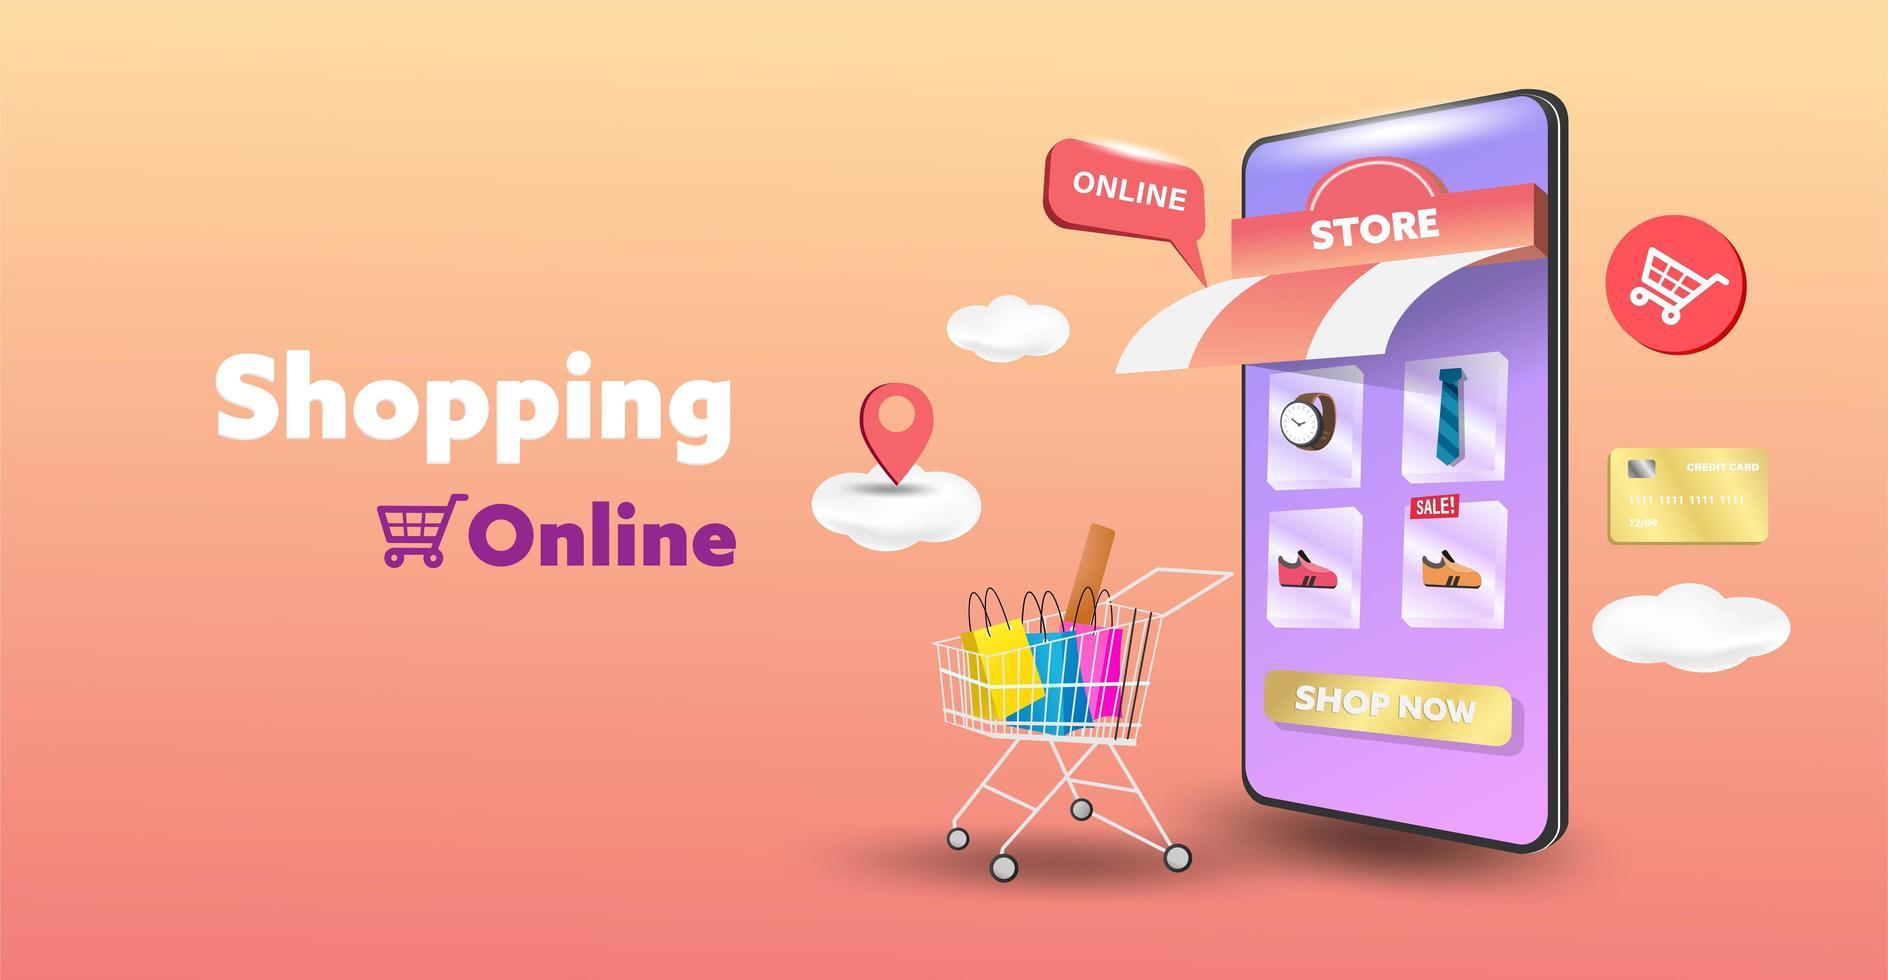 negozio di acquisti online su sito Web e design di telefoni cellulari. concetto di marketing aziendale intelligente. vista orizzontale. illustrazione vettoriale. vettore